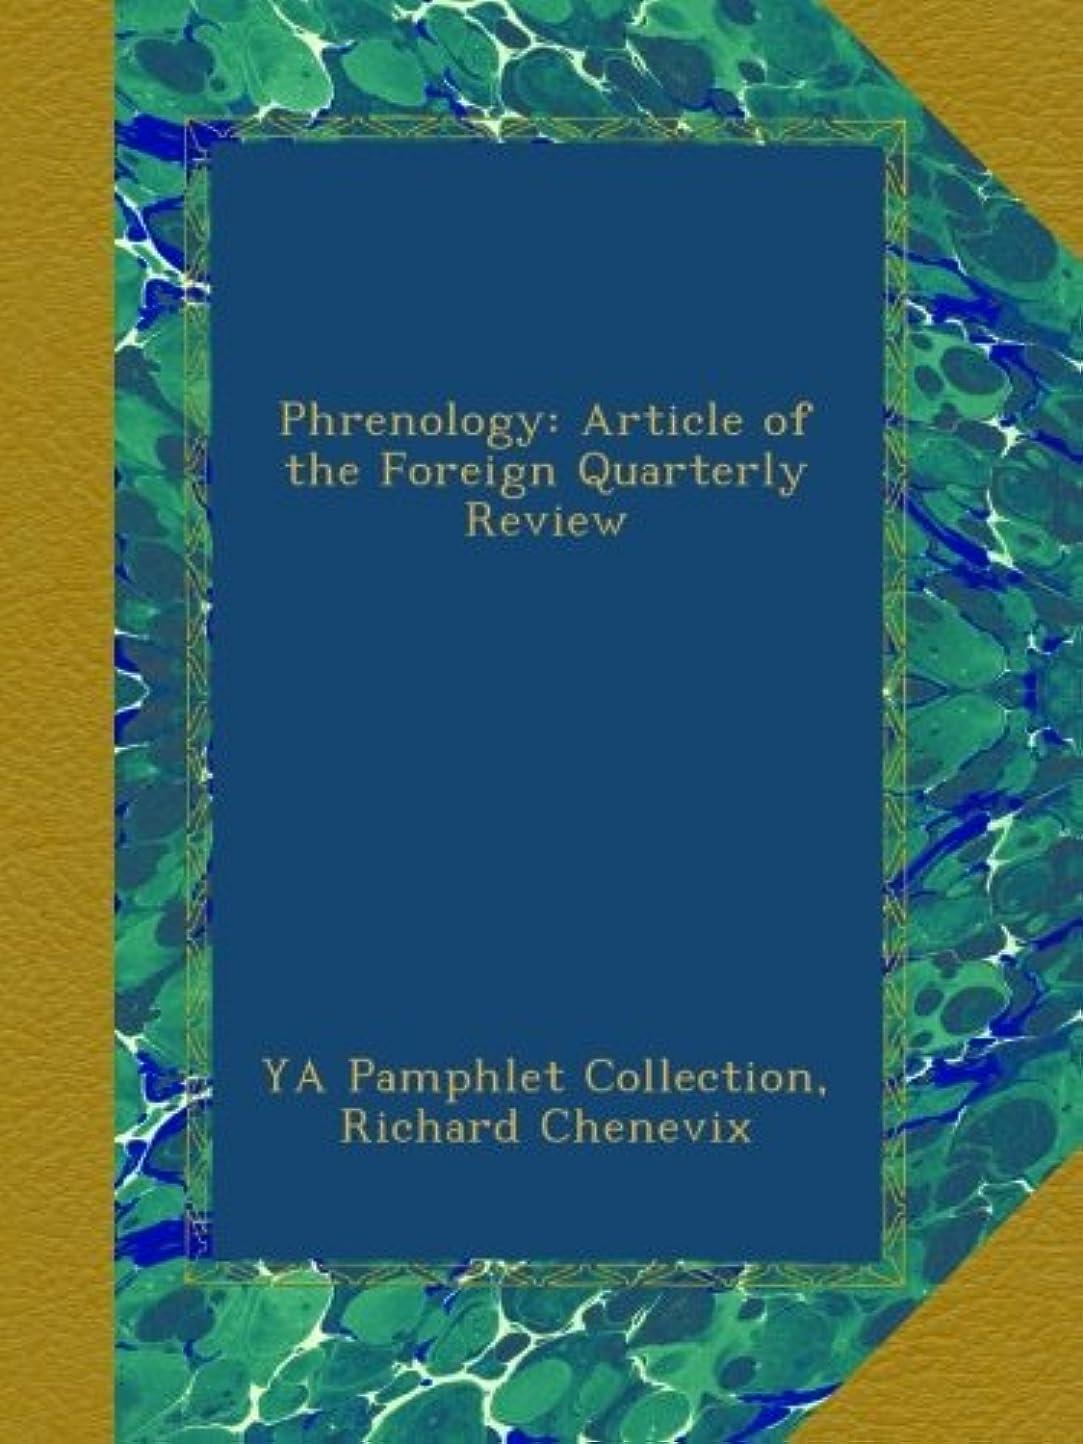 免除する吹きさらし化合物Phrenology: Article of the Foreign Quarterly Review